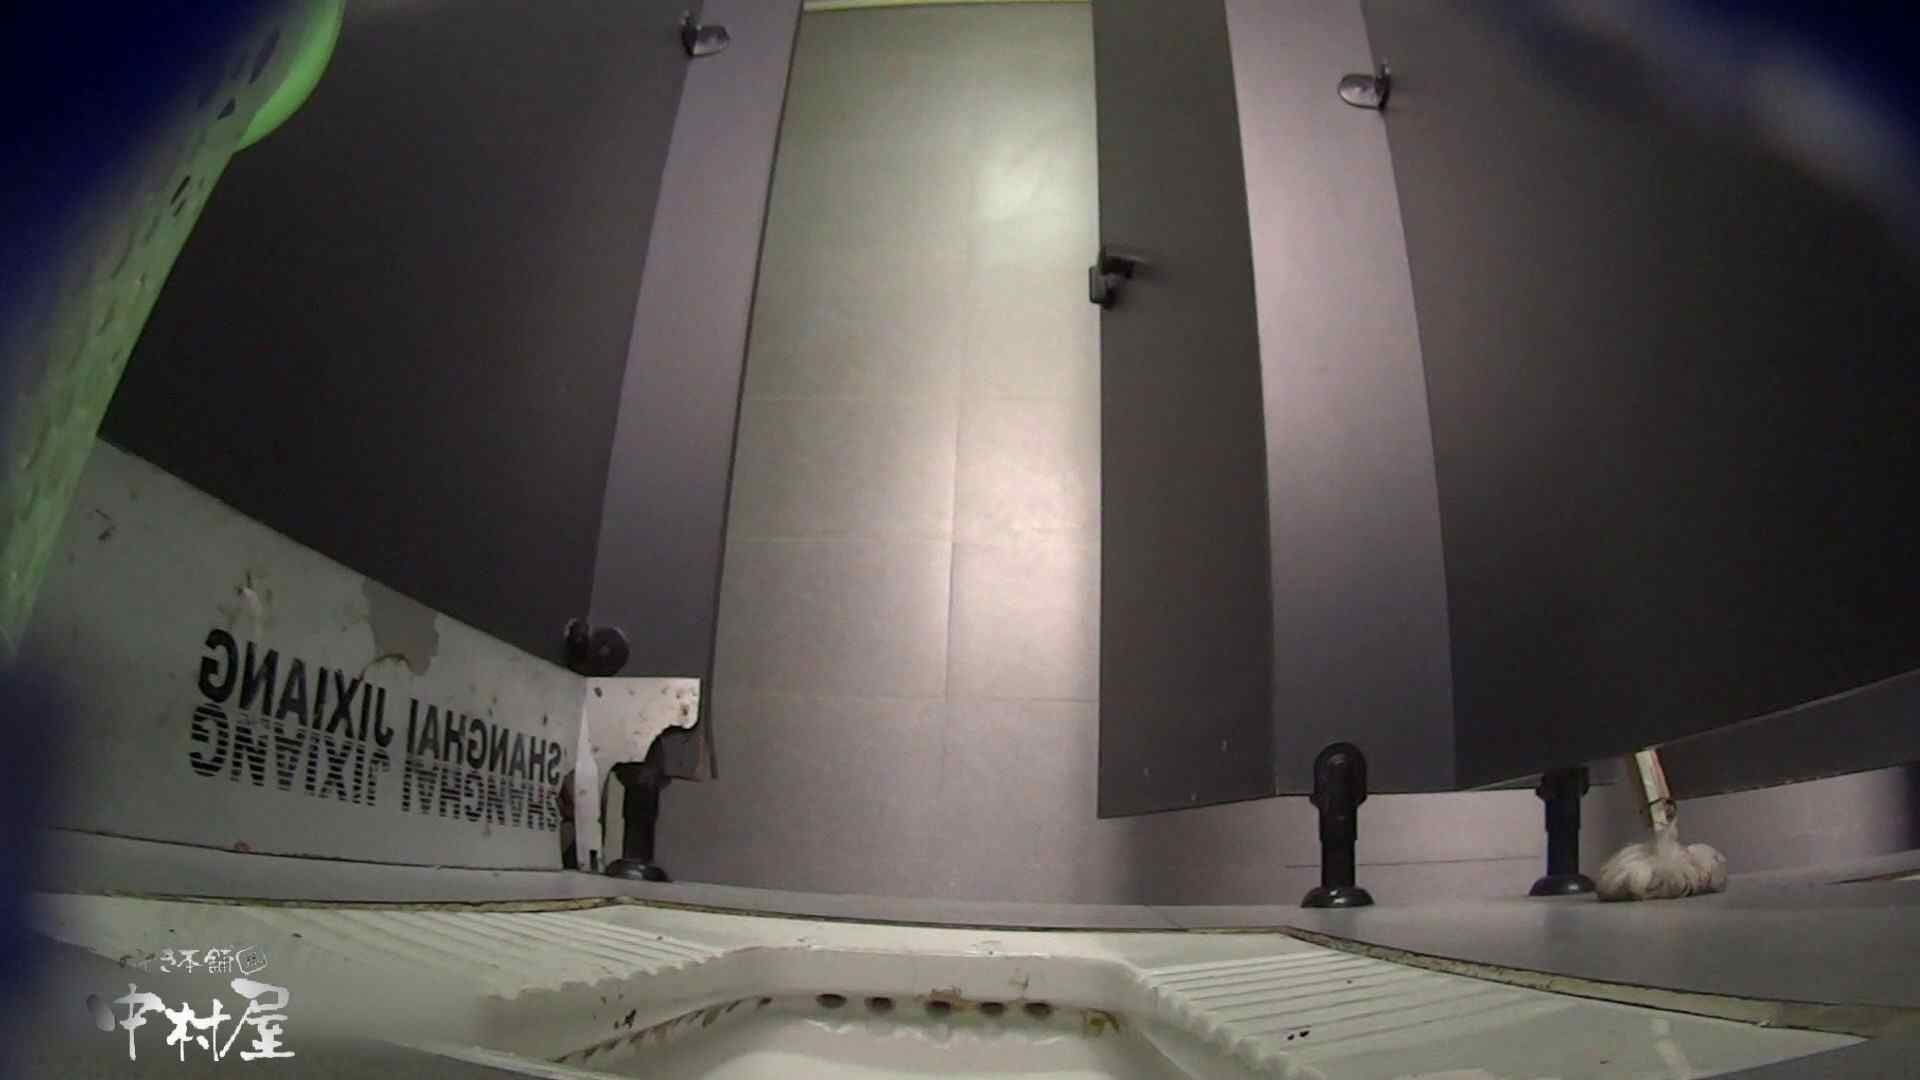 グレースパッツお女市さん 大学休憩時間の洗面所事情31 洗面所編 すけべAV動画紹介 96PIX 50